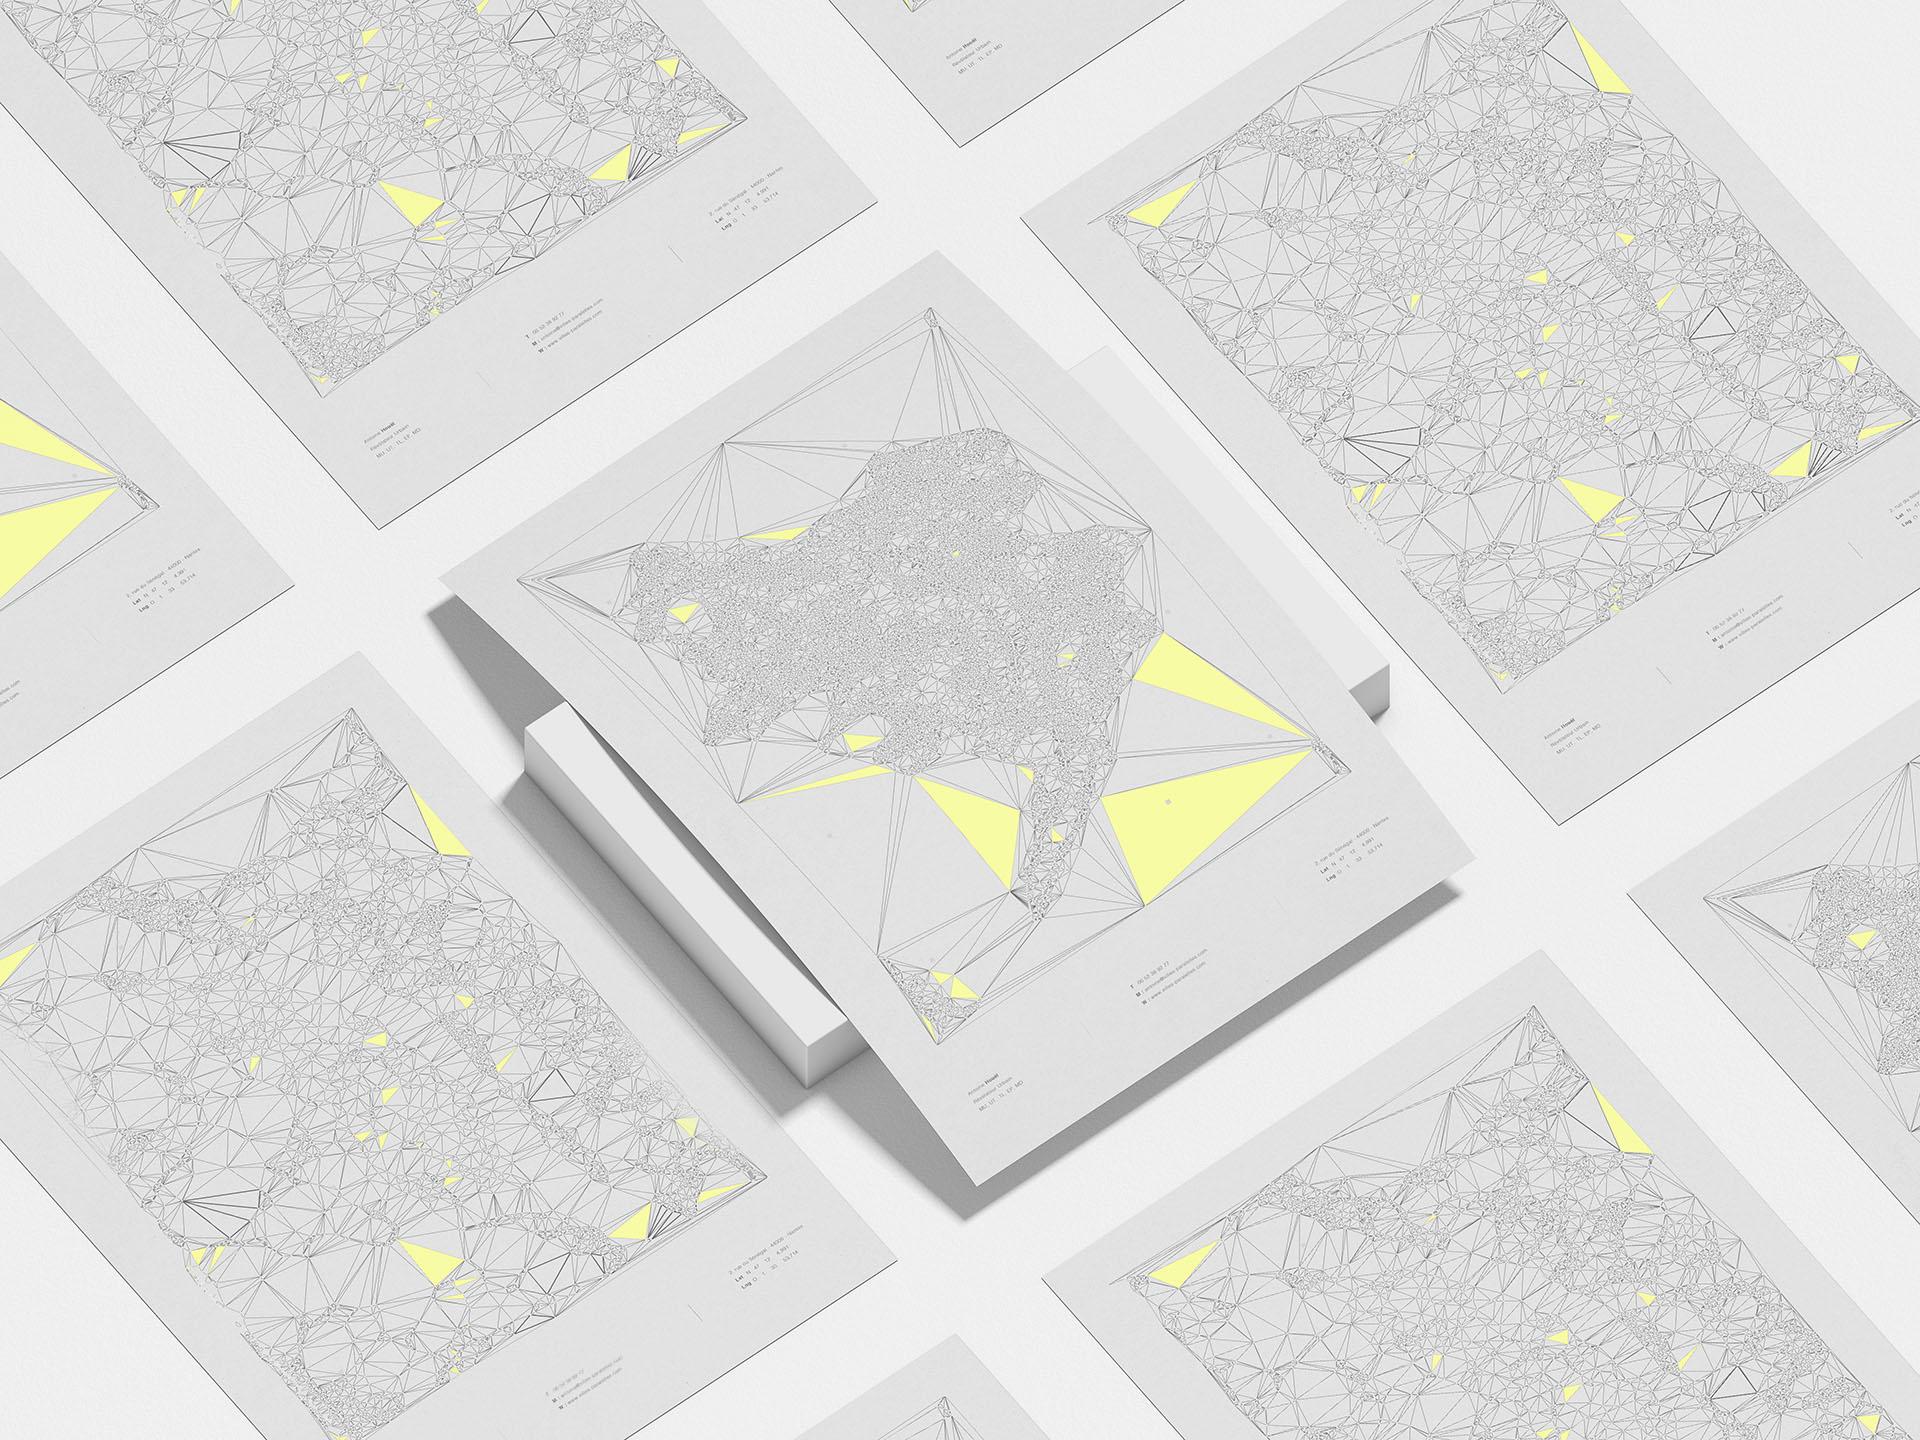 Villes parallèles nantes urbanisme et déplacement decarbonnés, maitrise d'usage poster graphisme